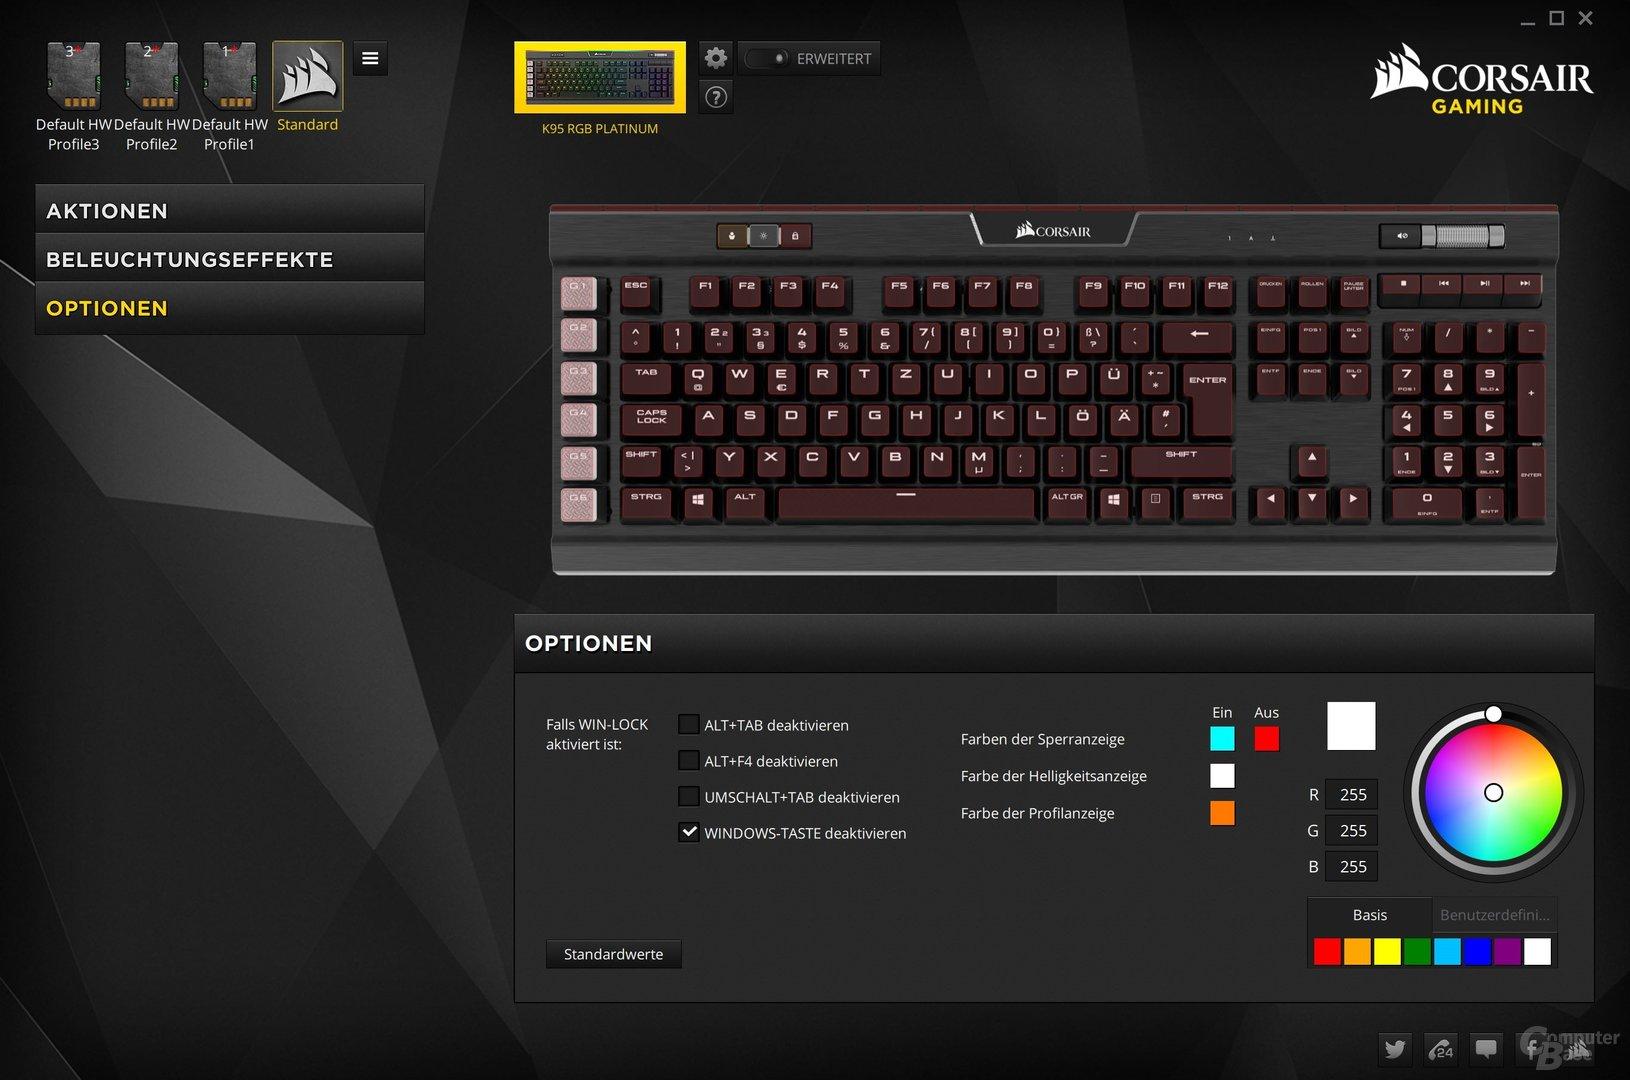 Der Gaming-Modus kann mehrere Shortcuts deaktiveren